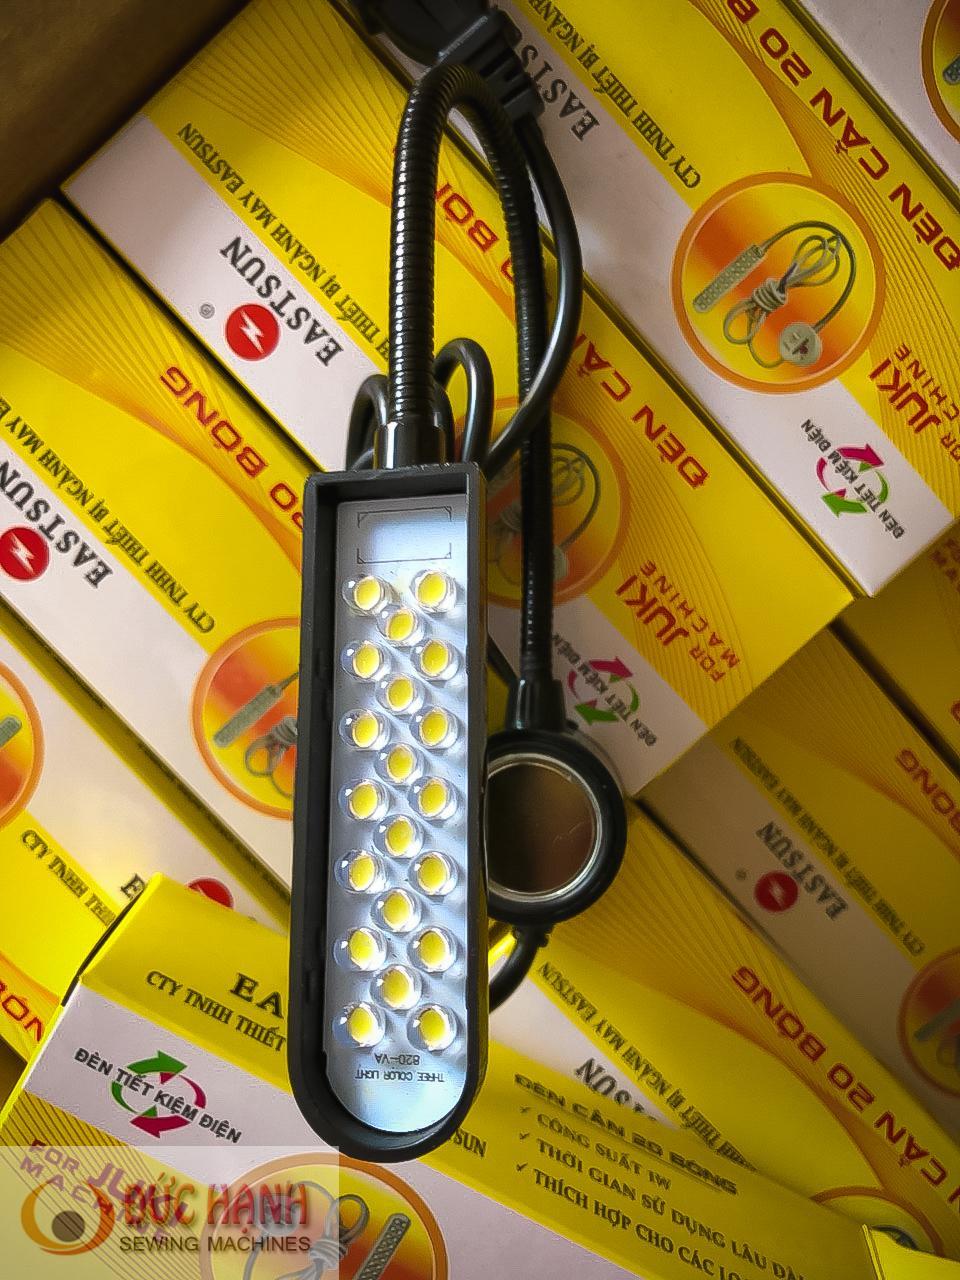 Đèn led cần máy may công nghiệp và gia đình 20 bóng